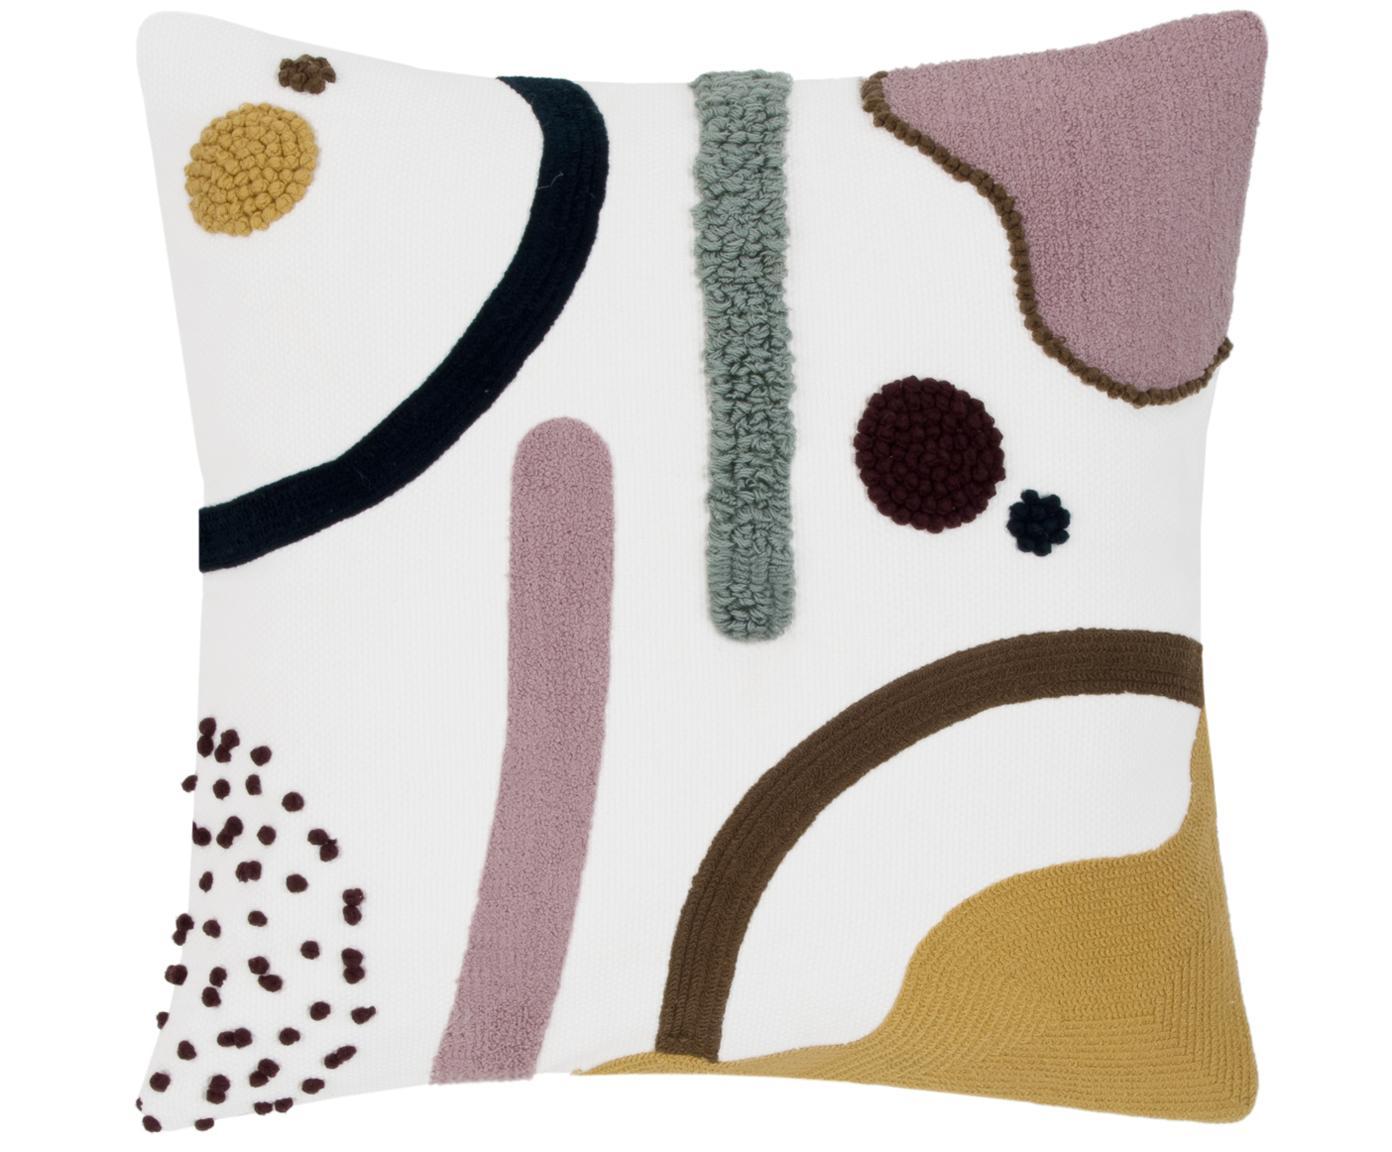 Kussenhoes Wassily met abstracte decoratie, Katoen, Voorzijde: multicolour. Achterzijde: wit, 45 x 45 cm